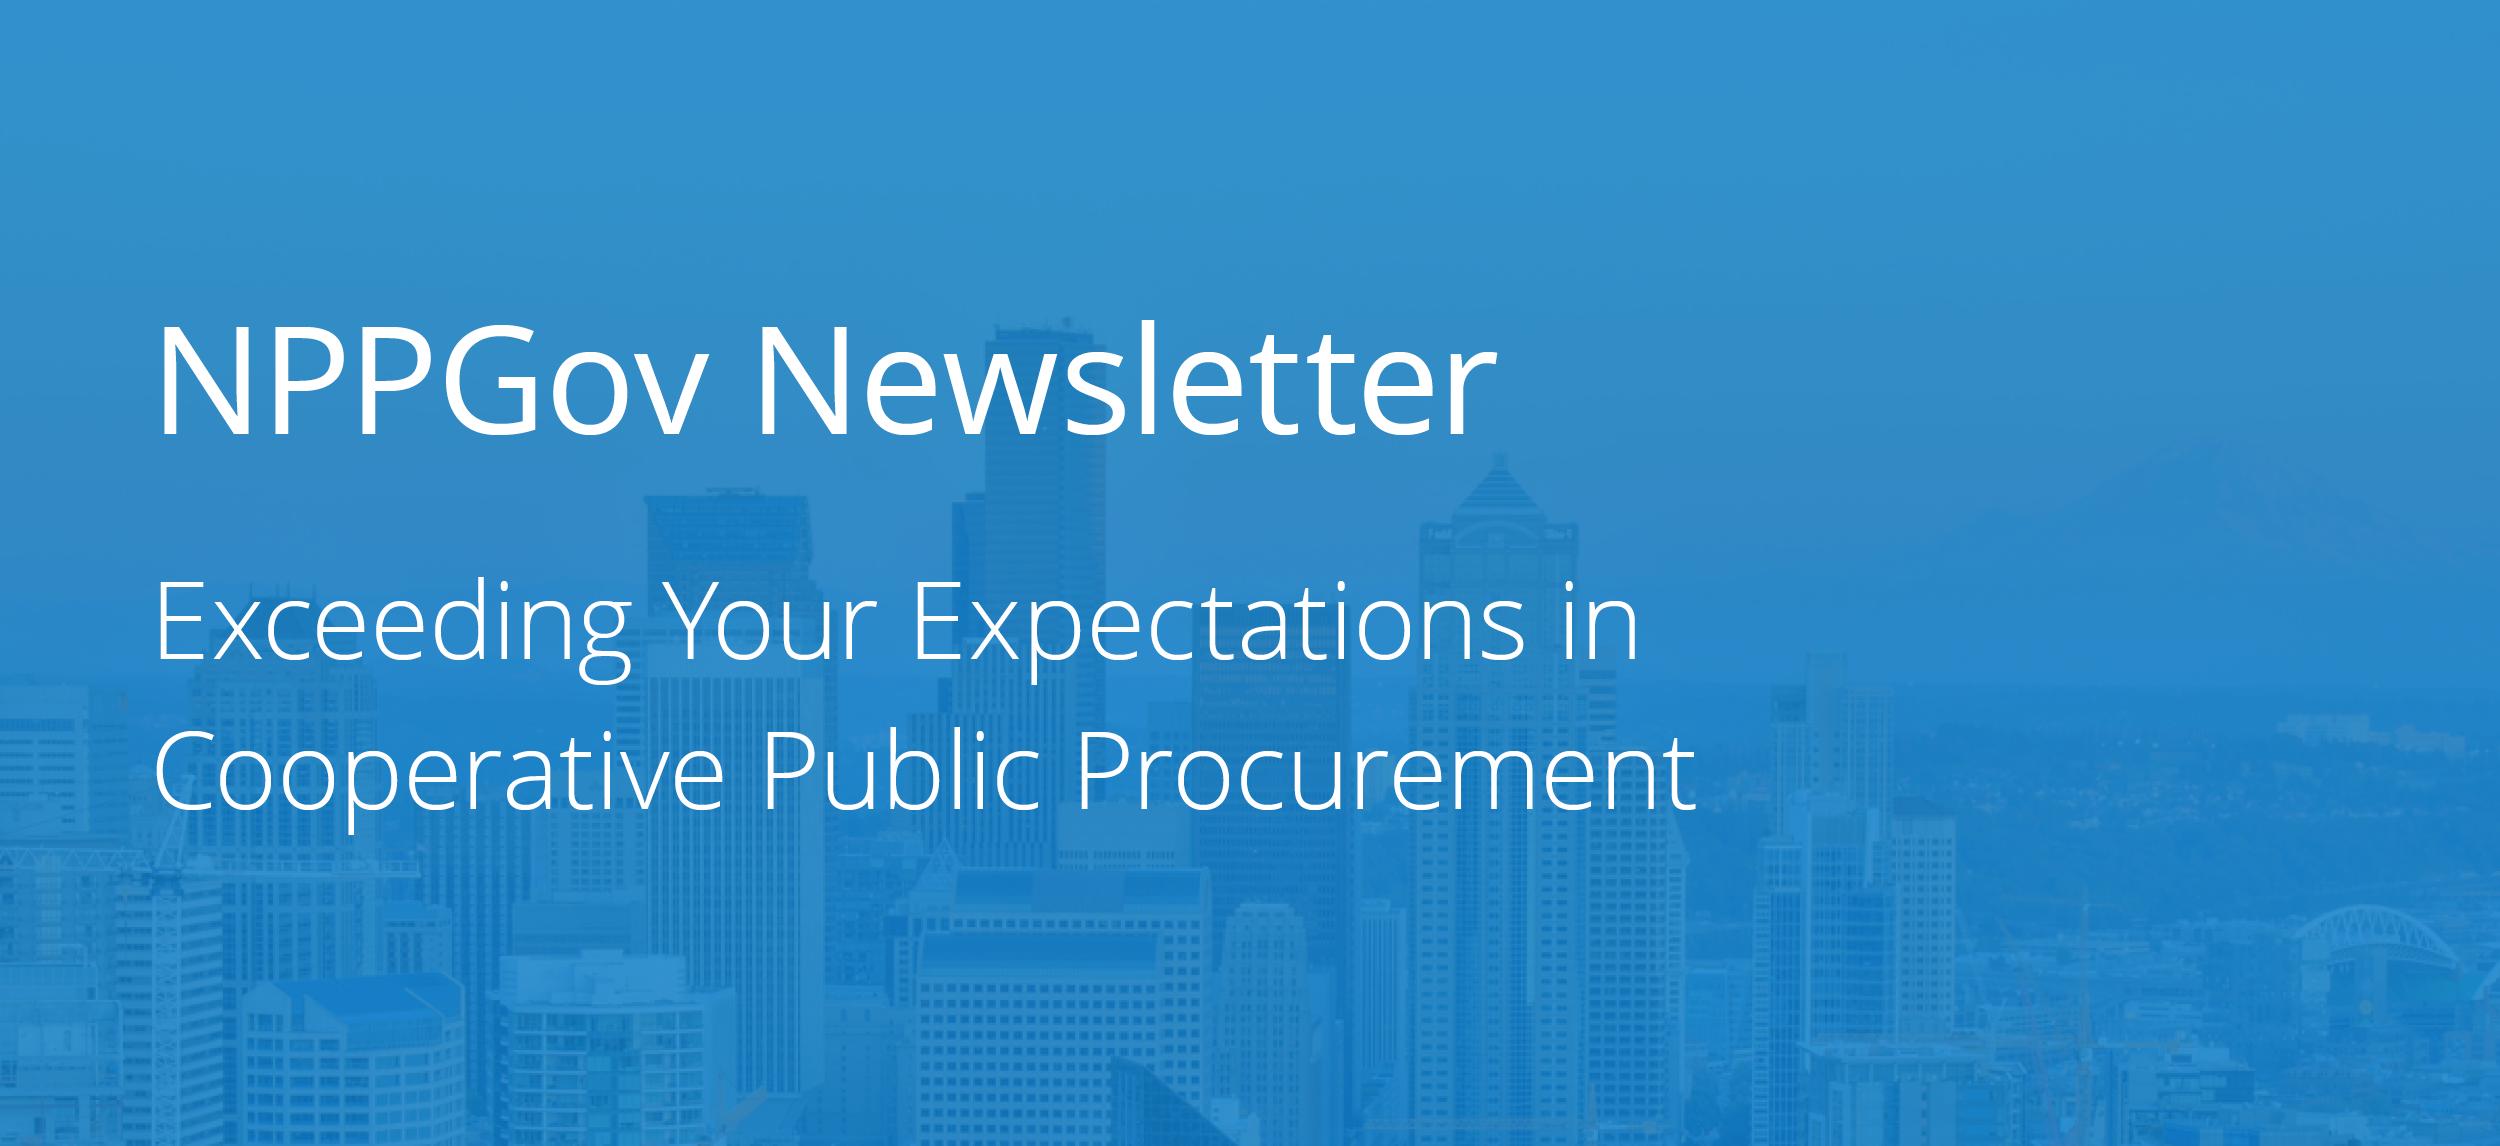 Your NPPGov Q1 Newsletter